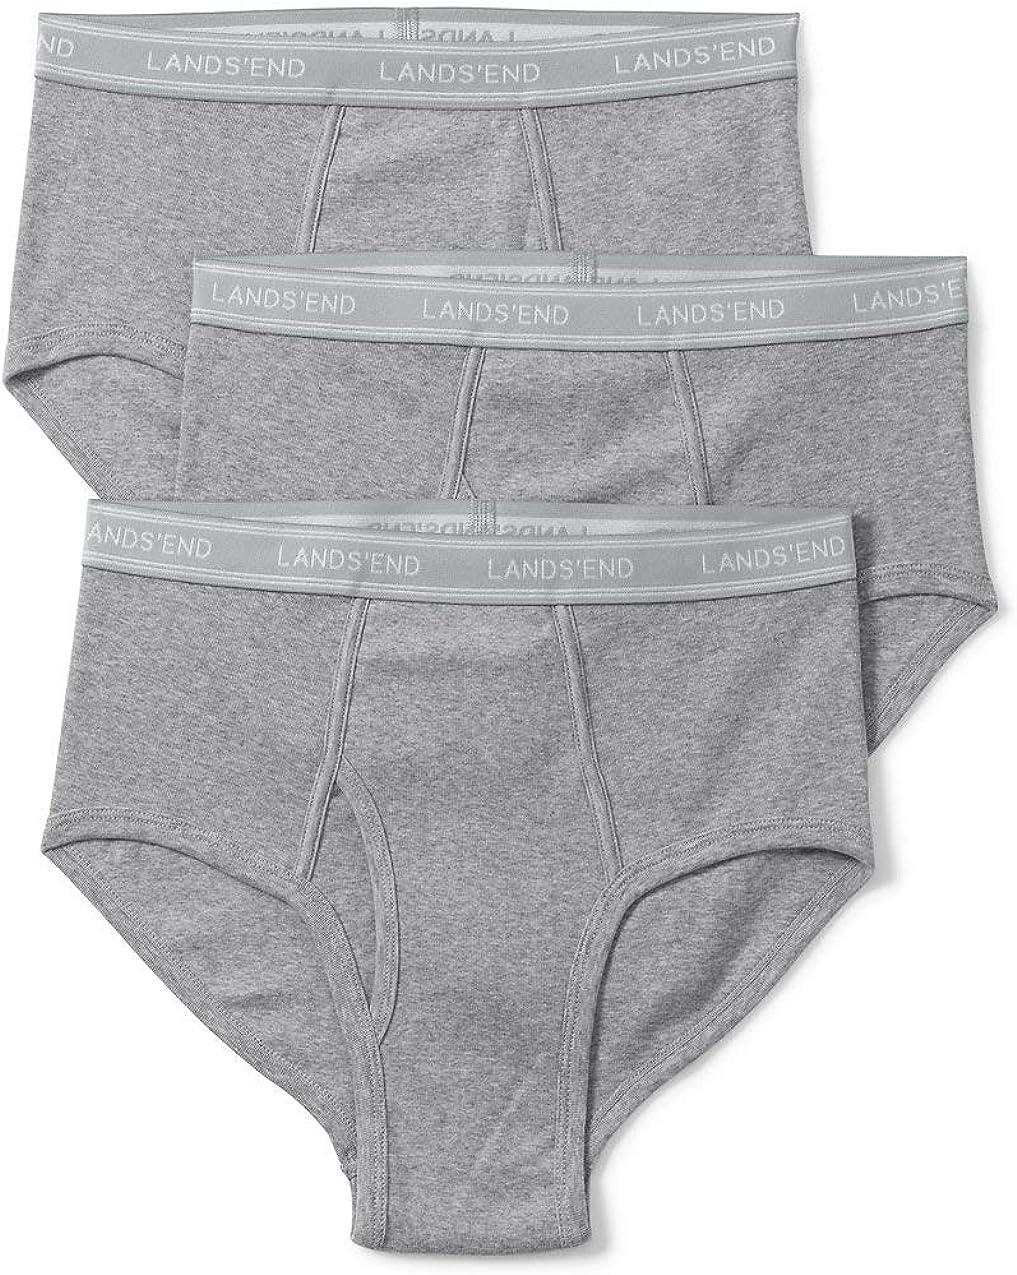 Lands' End Men's Knit Underwear 3 Pack - Briefs